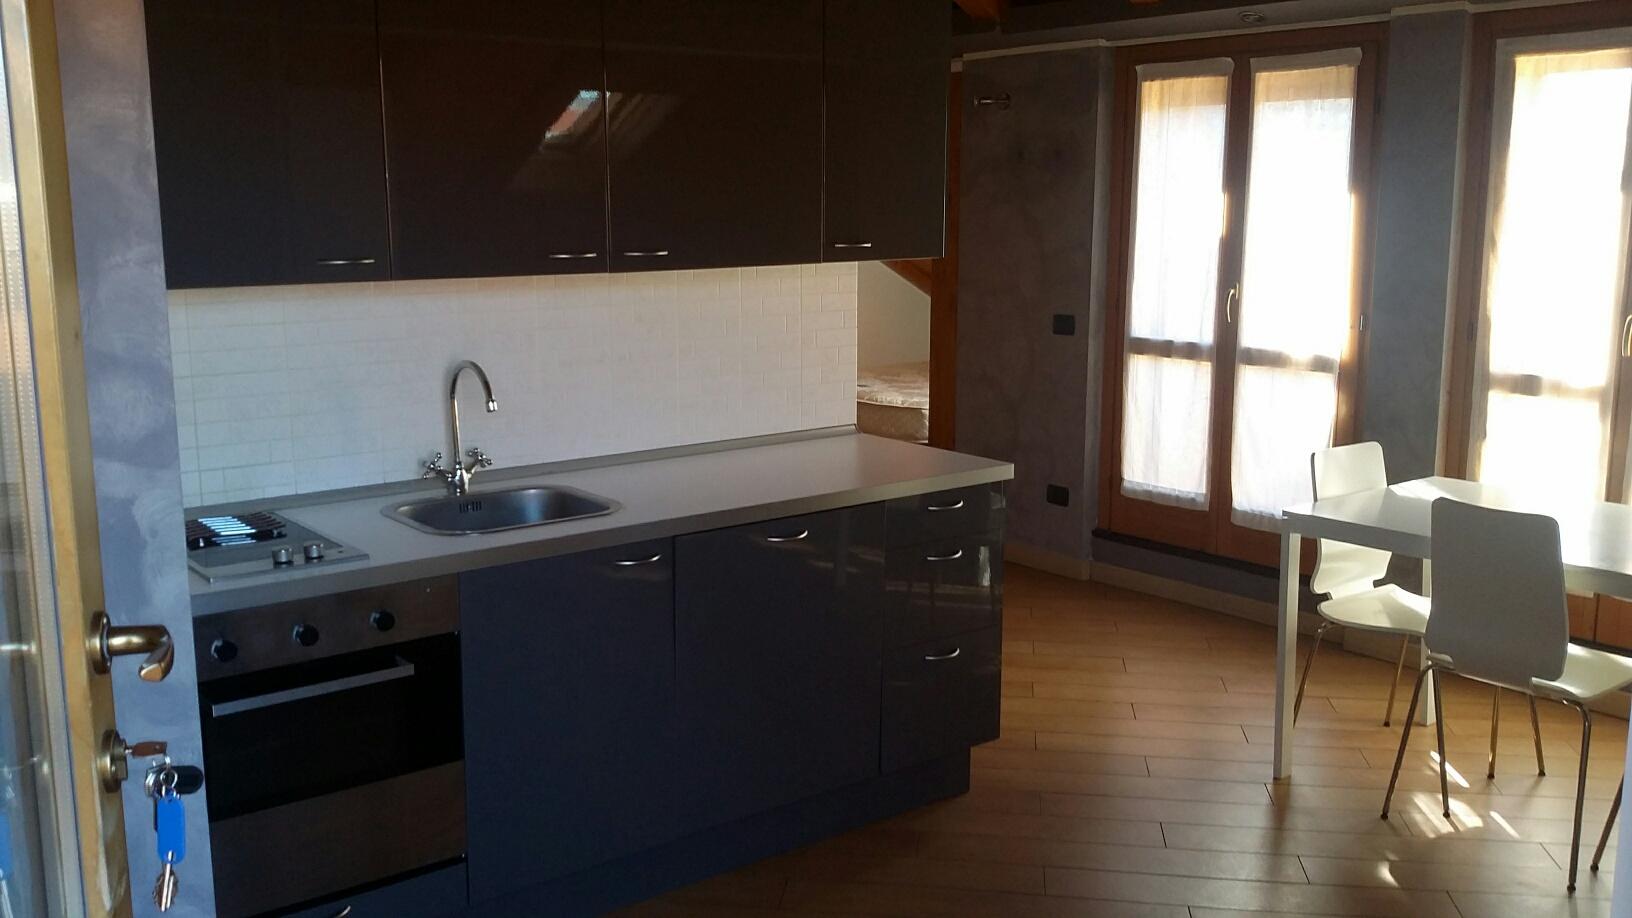 Attico / Mansarda in affitto a Rho, 1 locali, zona Località: Centro, prezzo € 630 | Cambio Casa.it